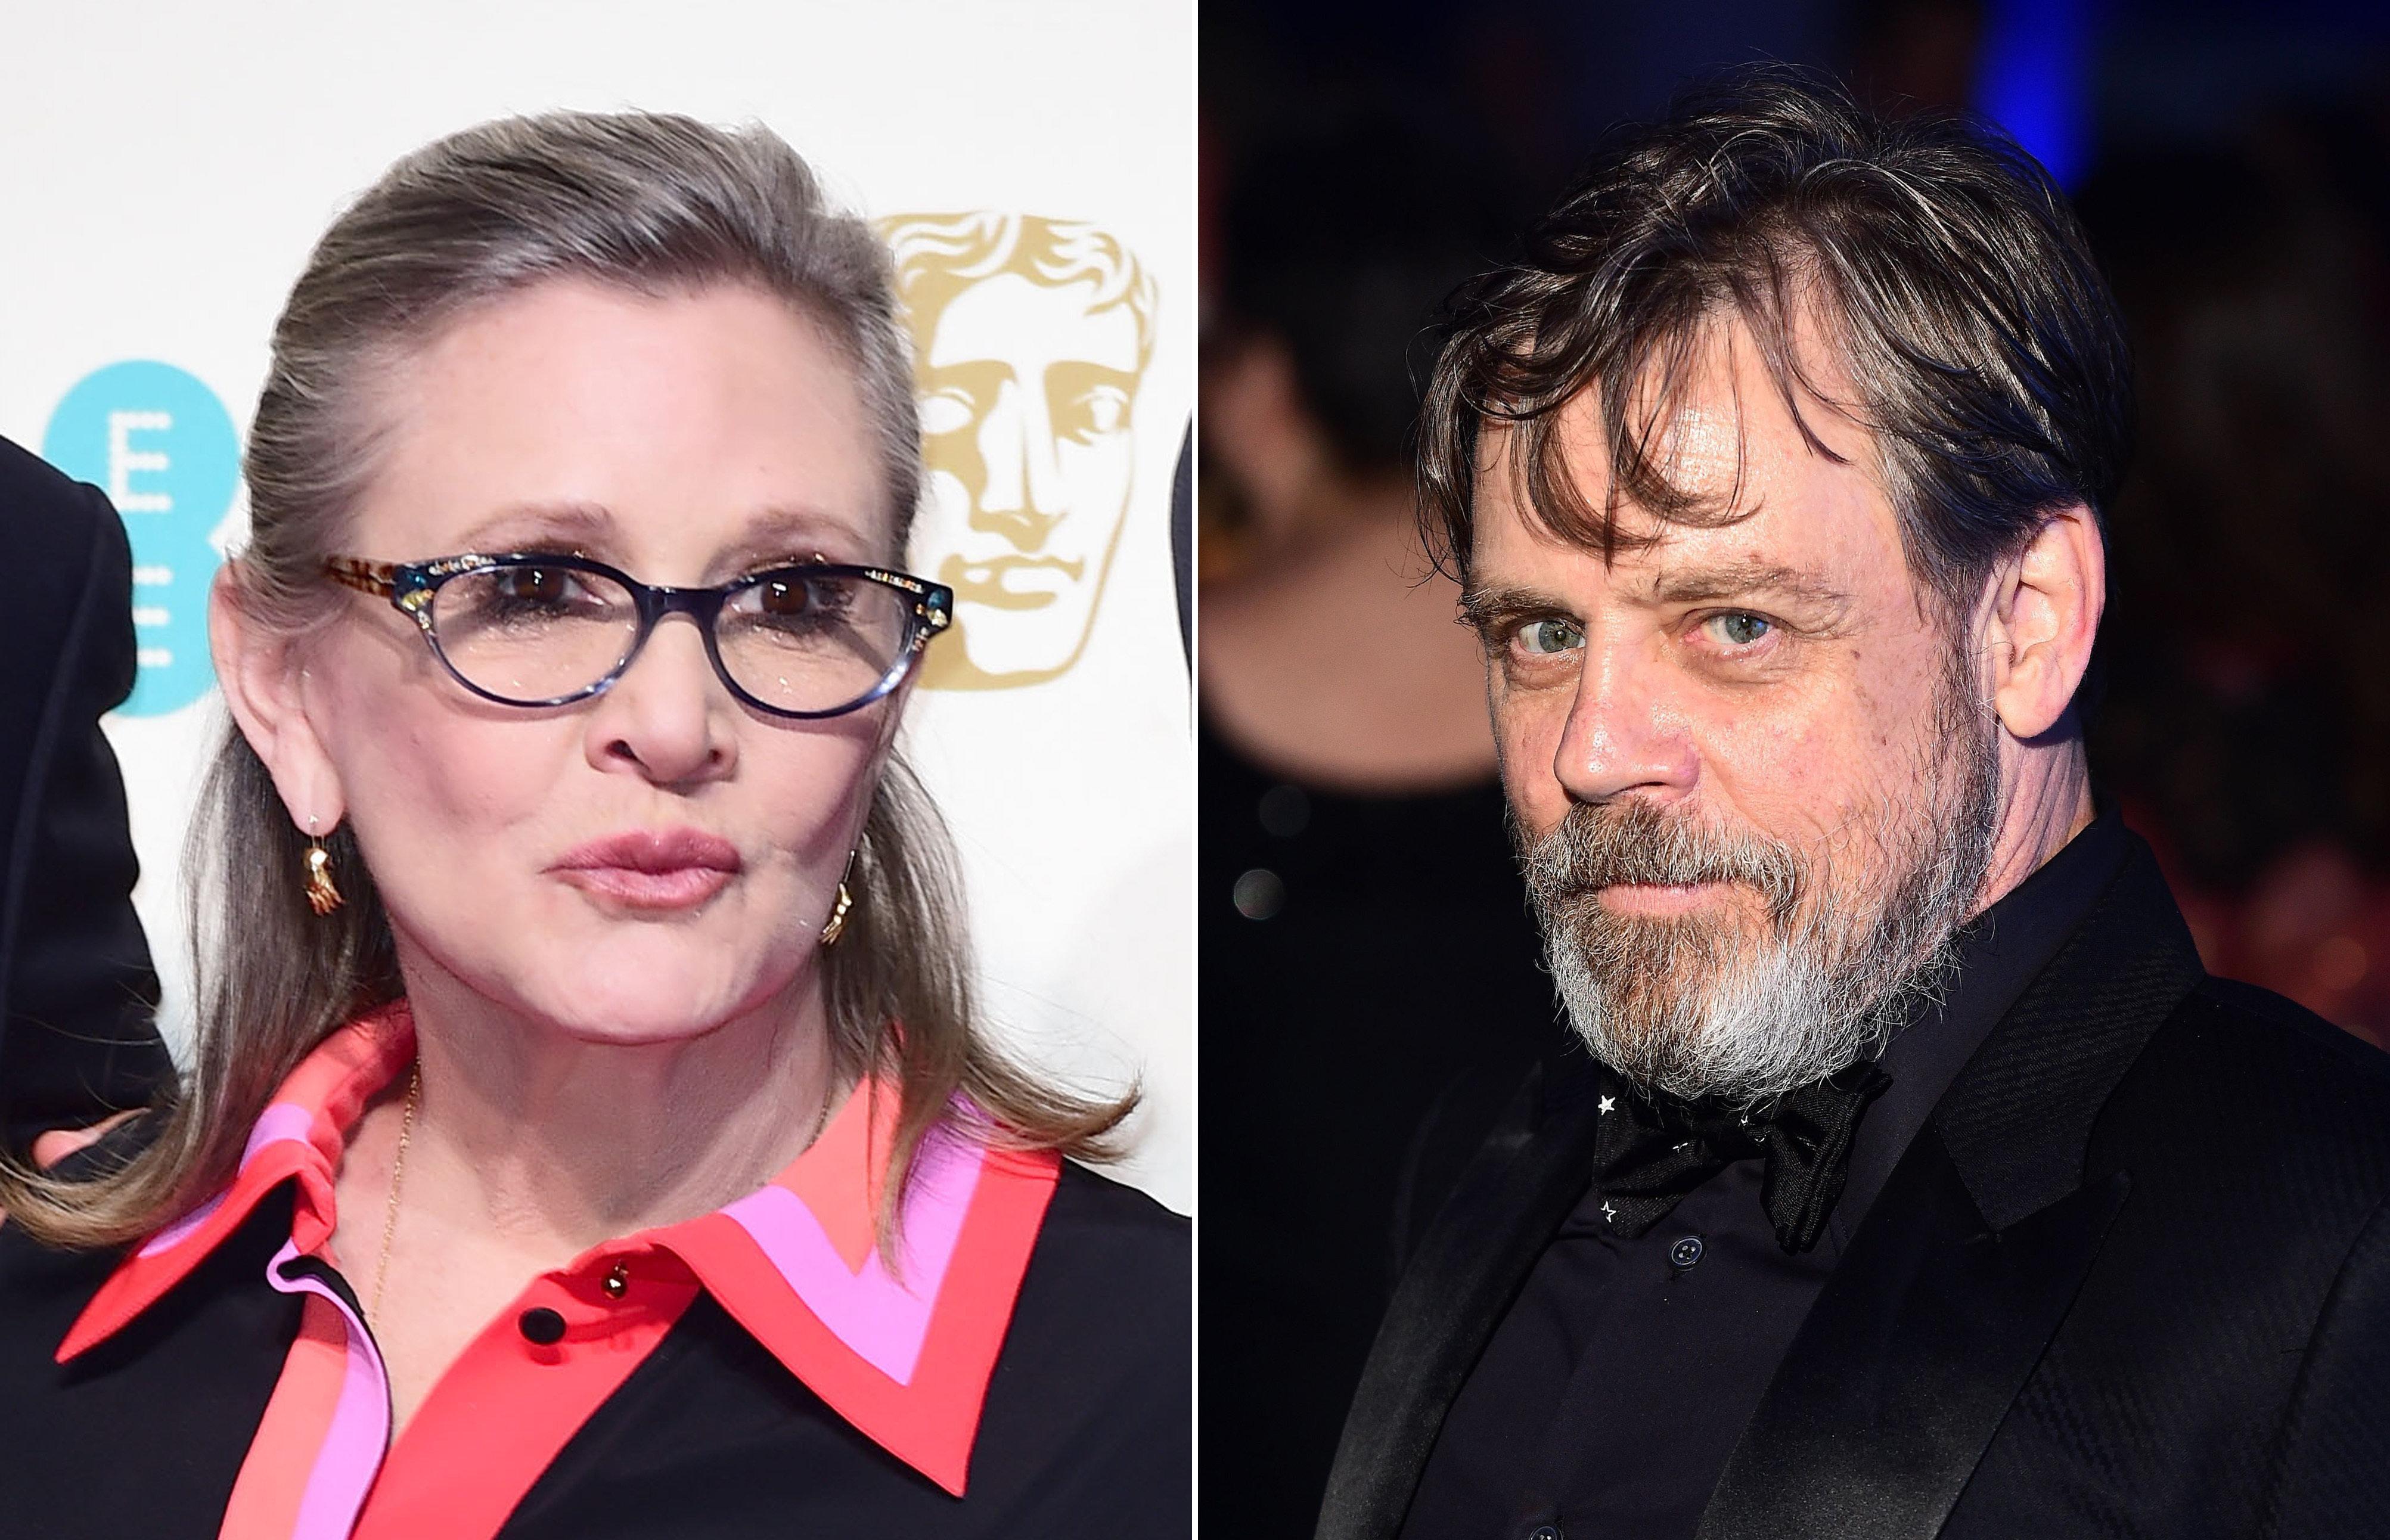 Matt Smith Joins Star Wars: Episode IX Cast In A Key Role